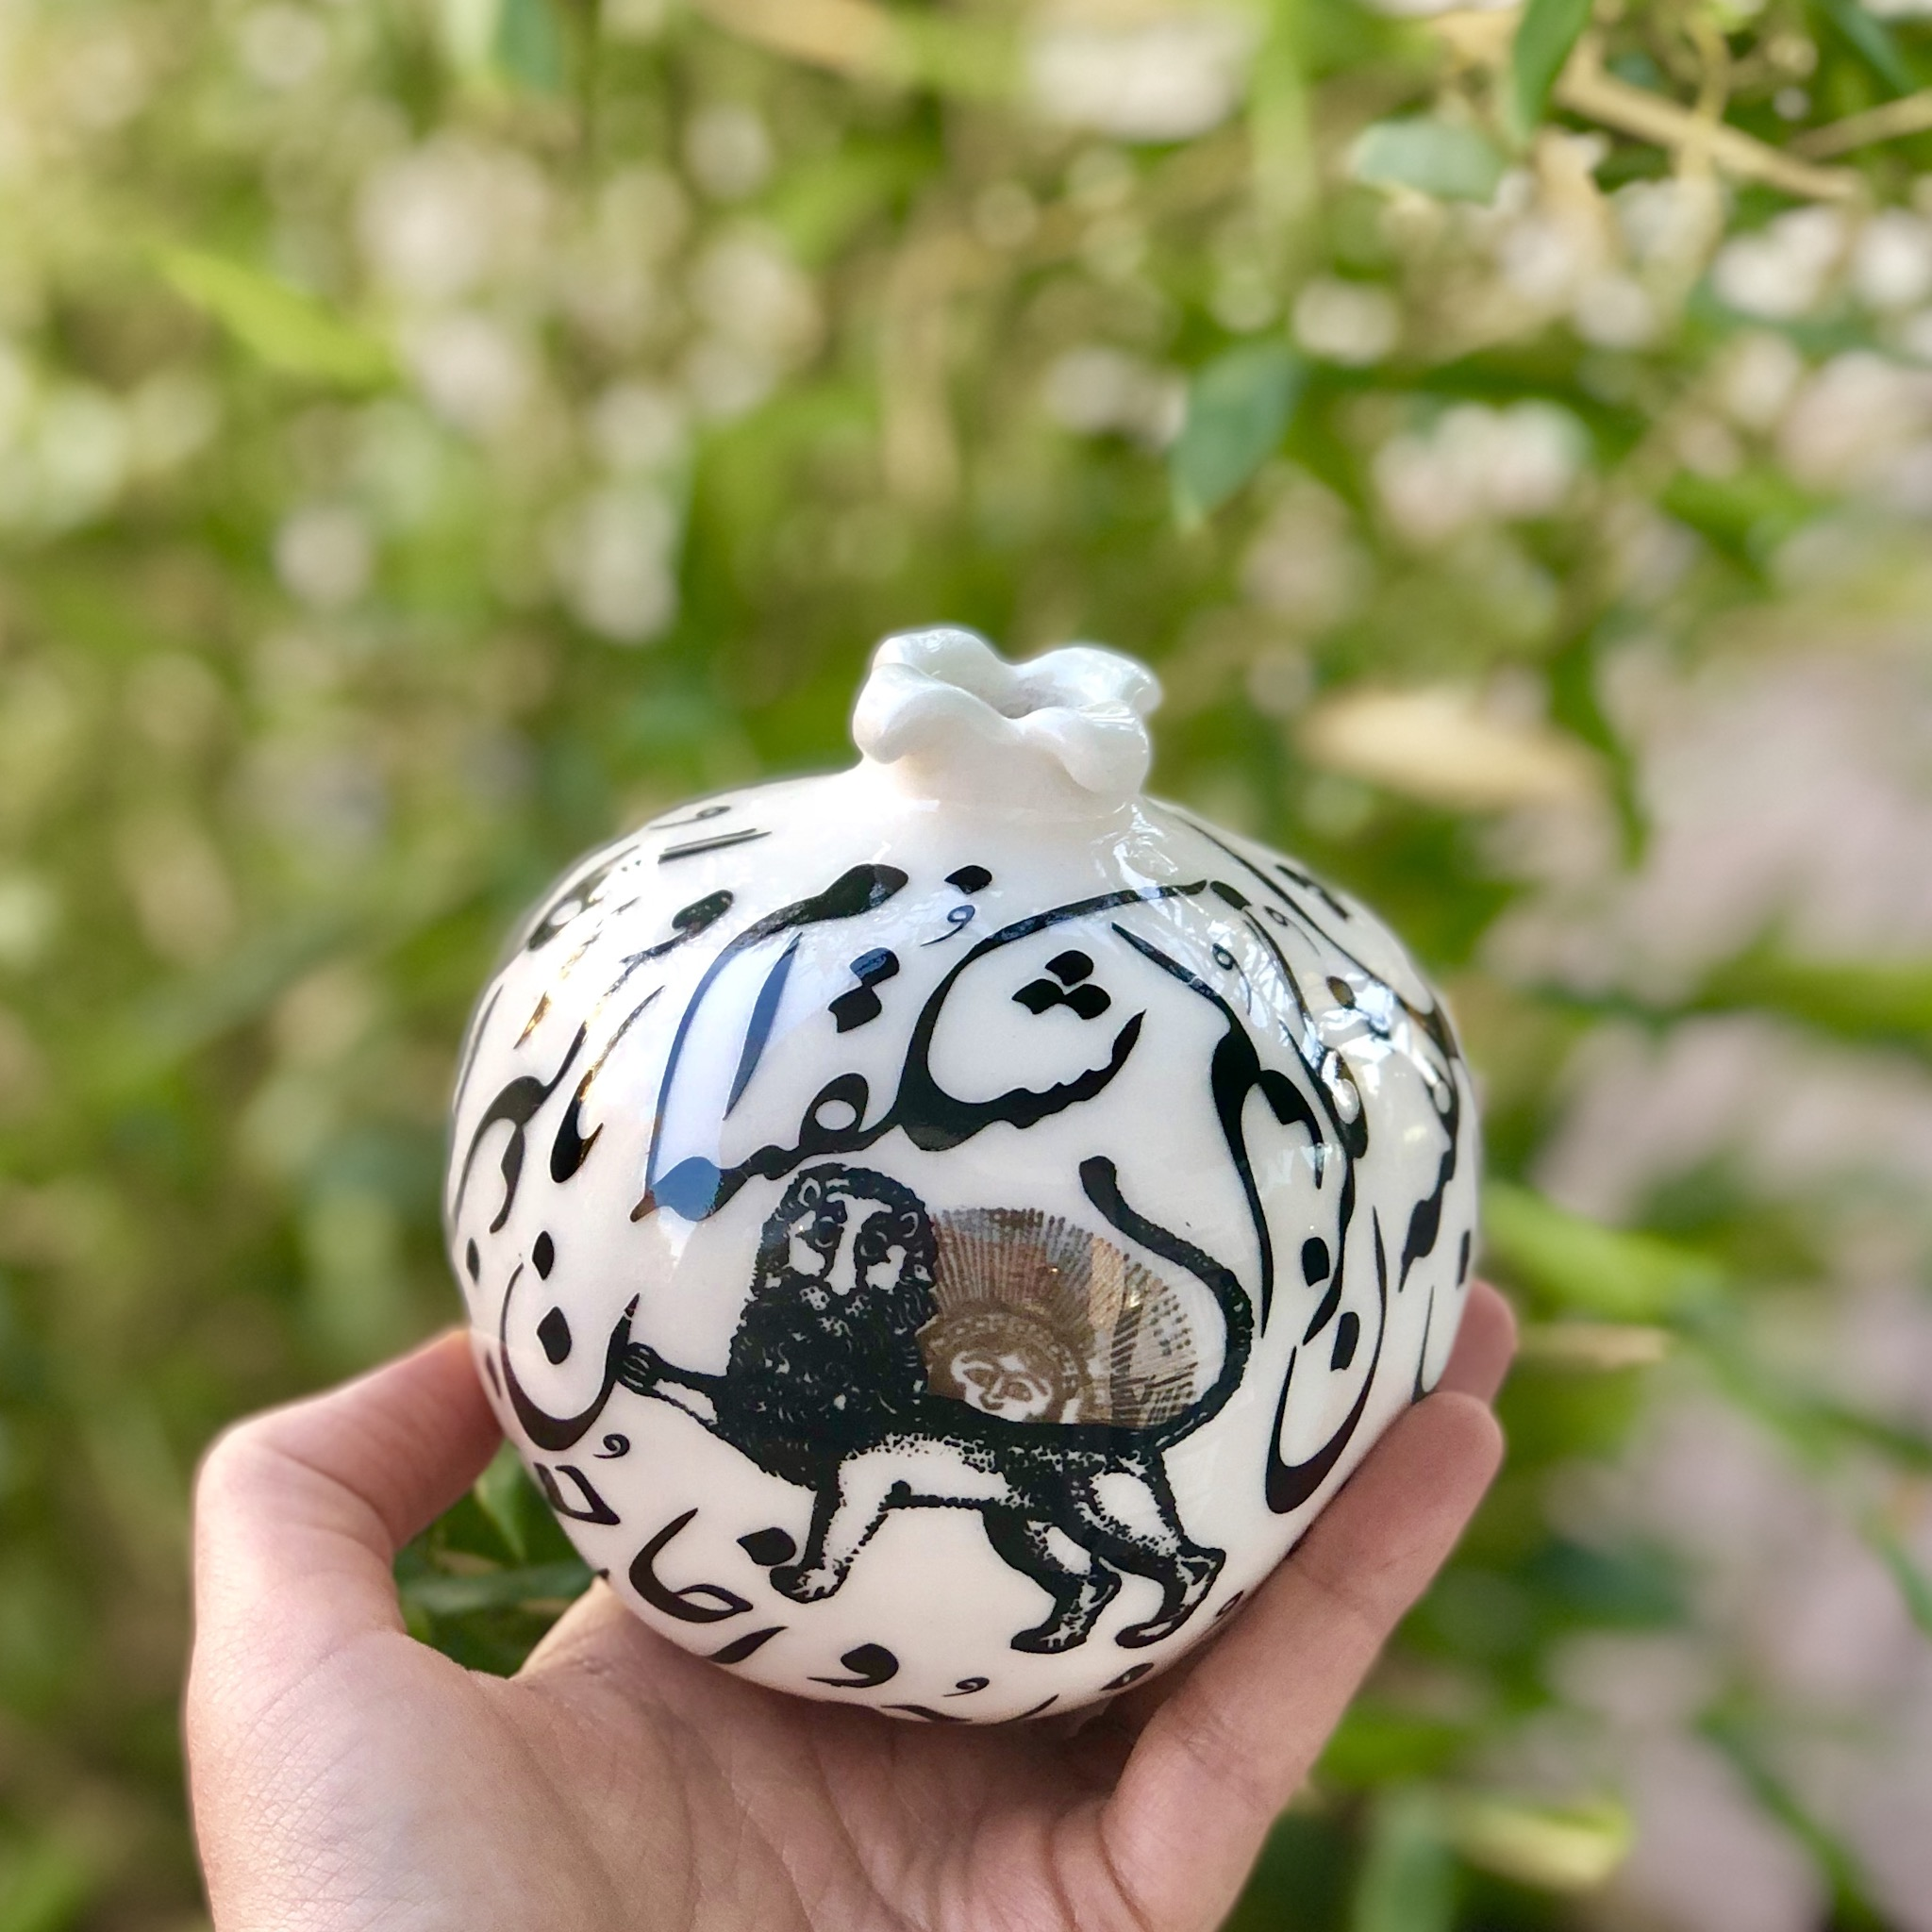 Farjam Handmade pomegranate series - Shir o Khorshid 1